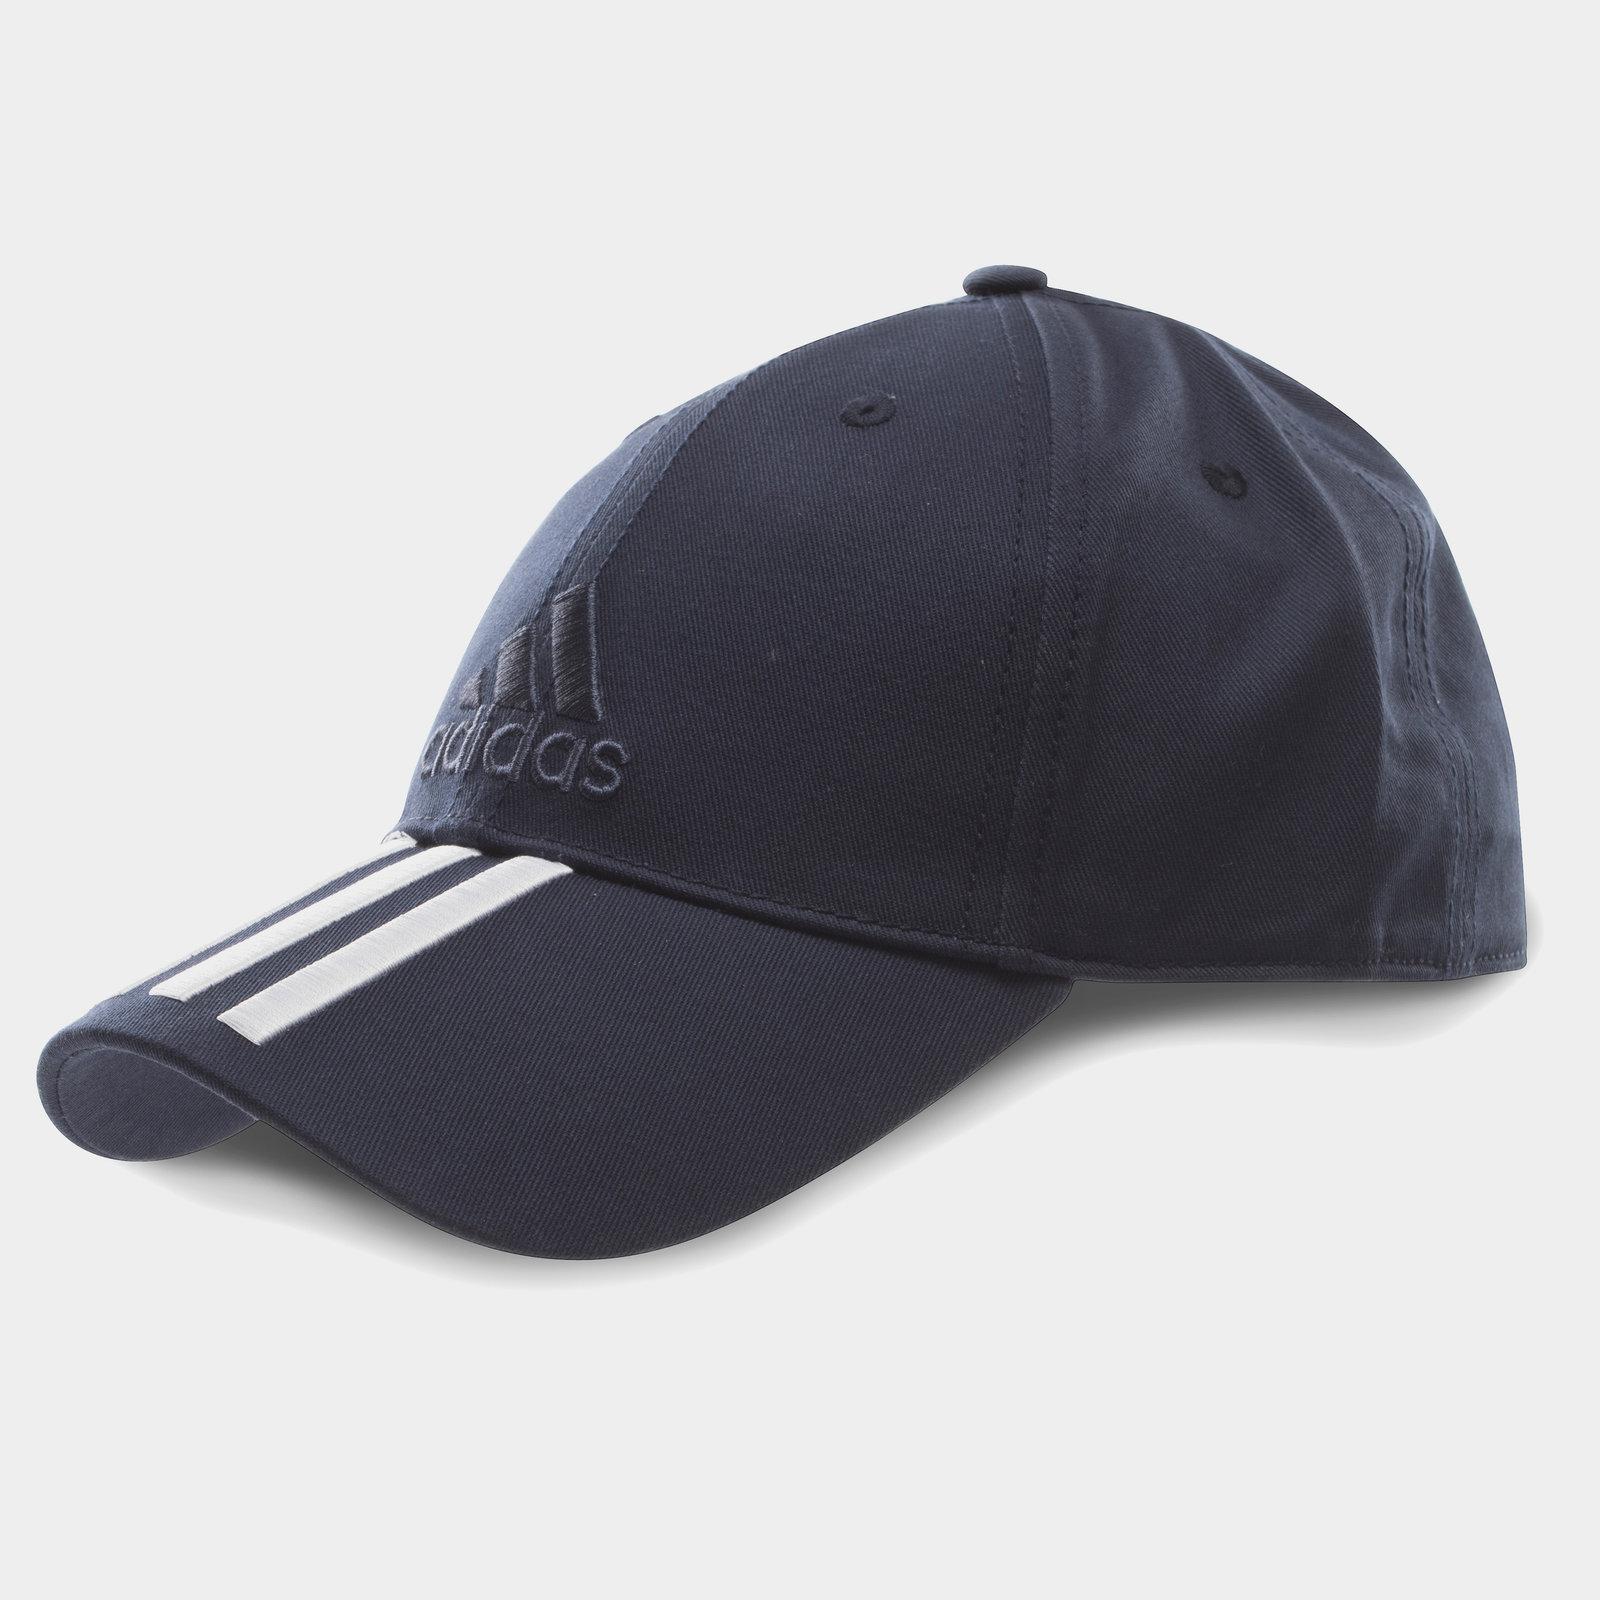 Image of 3 Stripes Cotton Cap